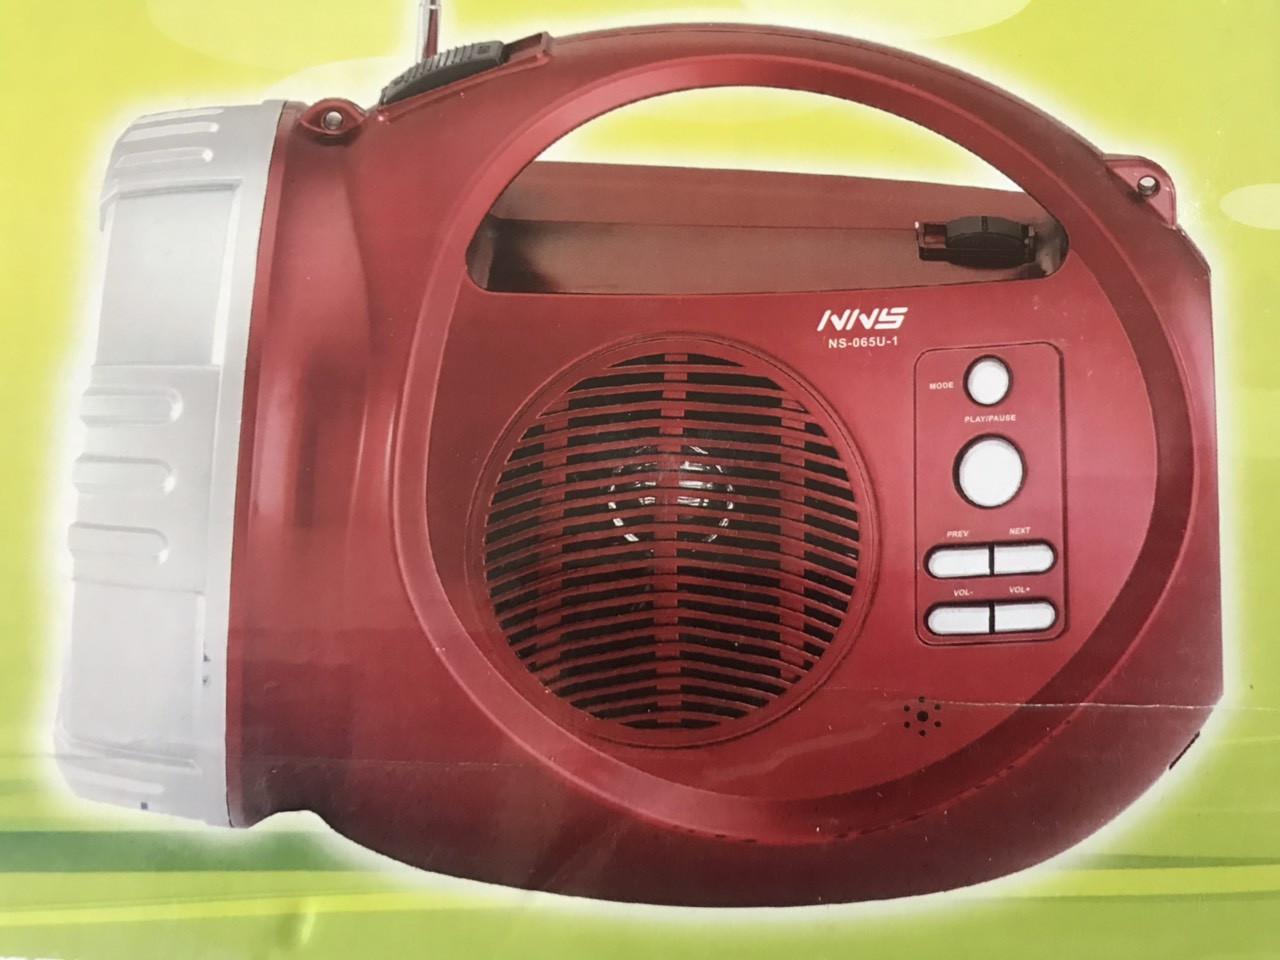 Портативный радиоприемник с фонарем NS-065U-1